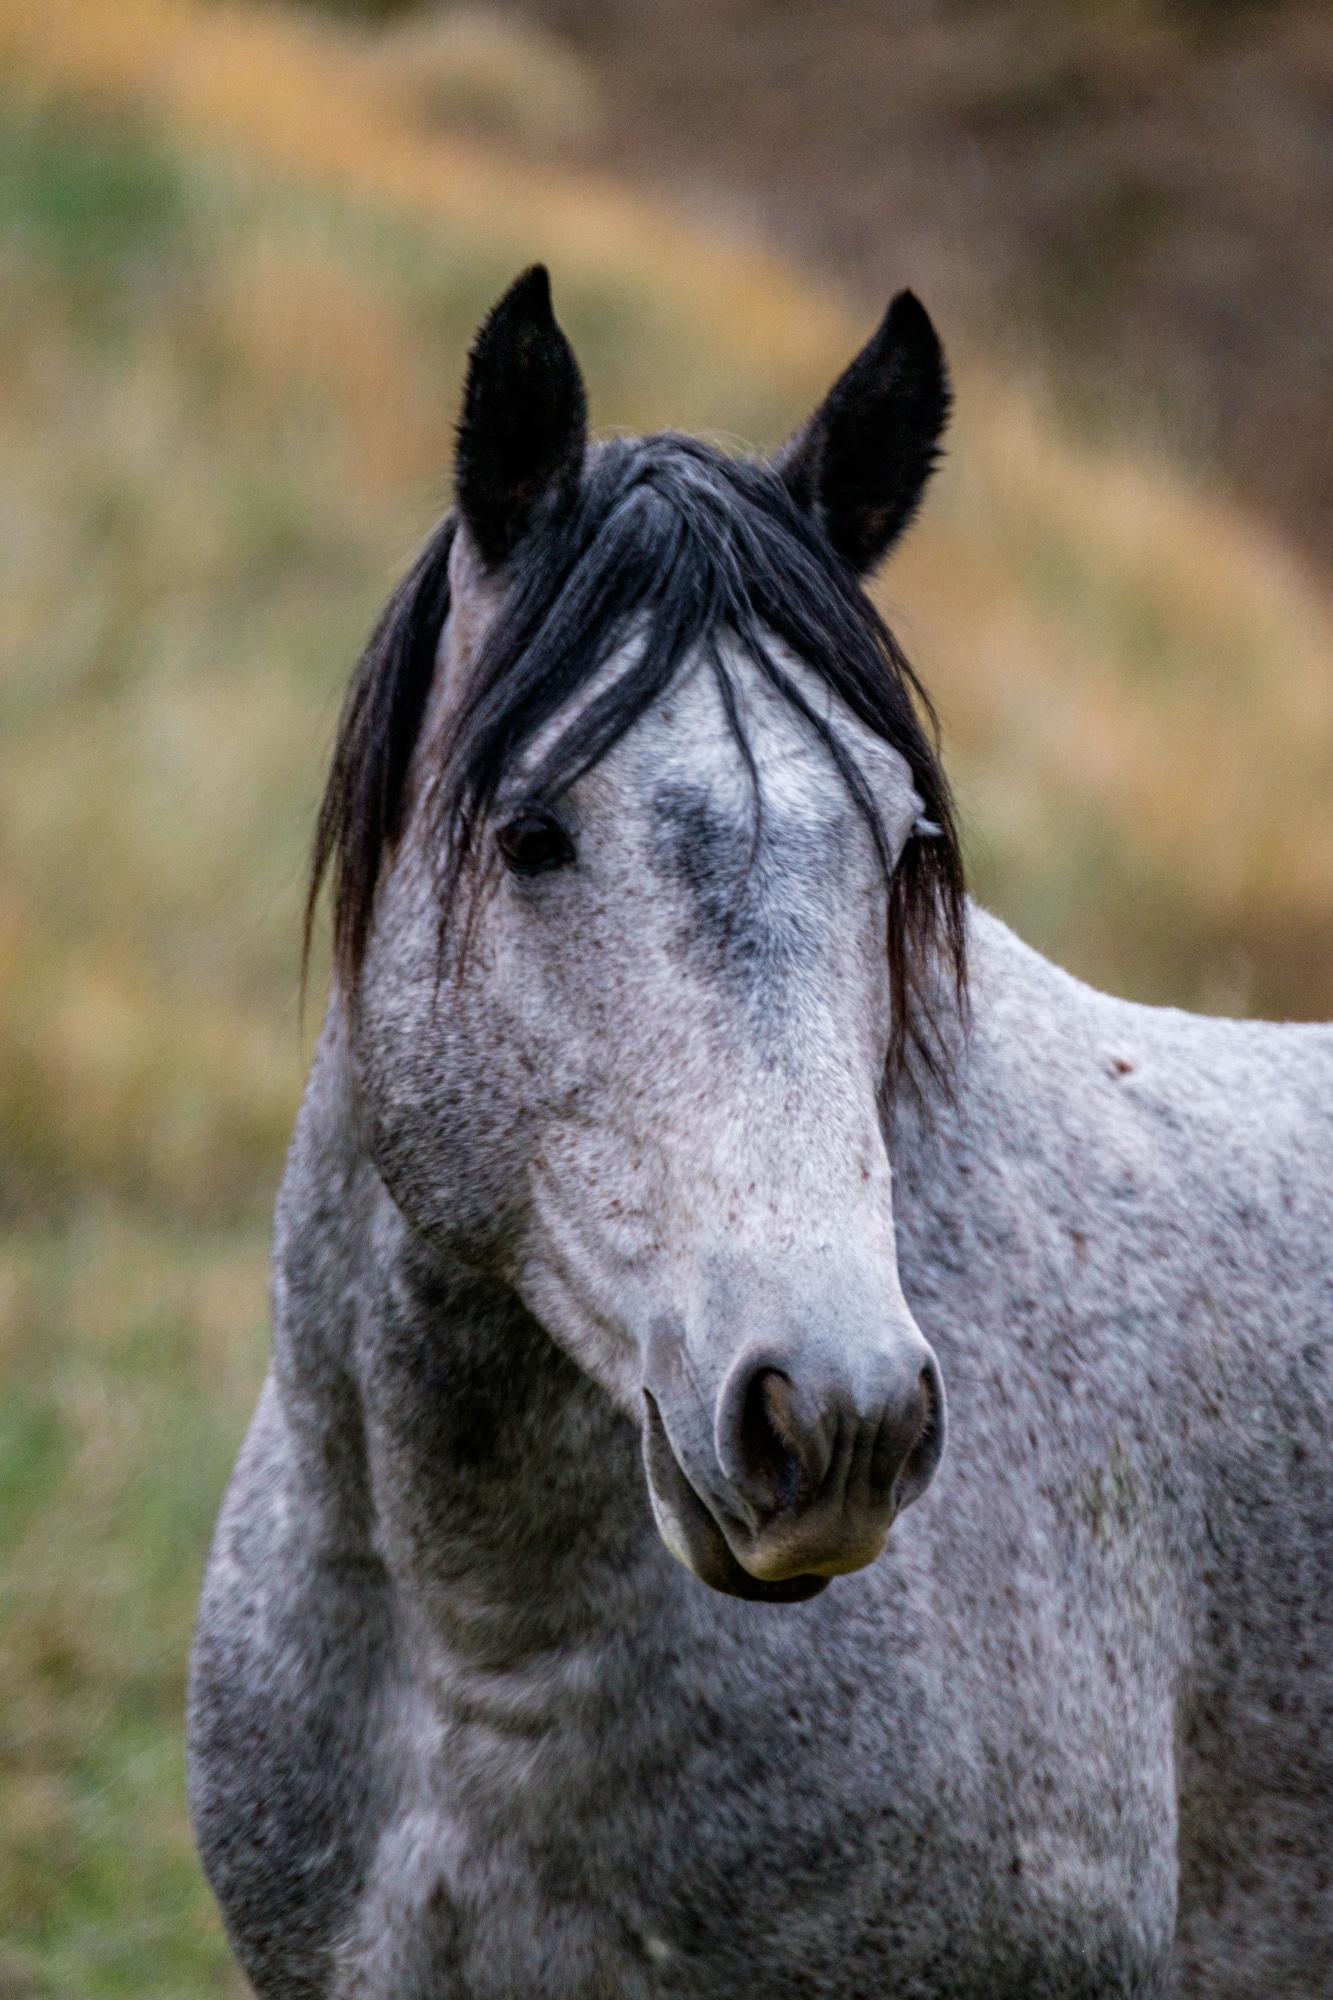 The stallion.